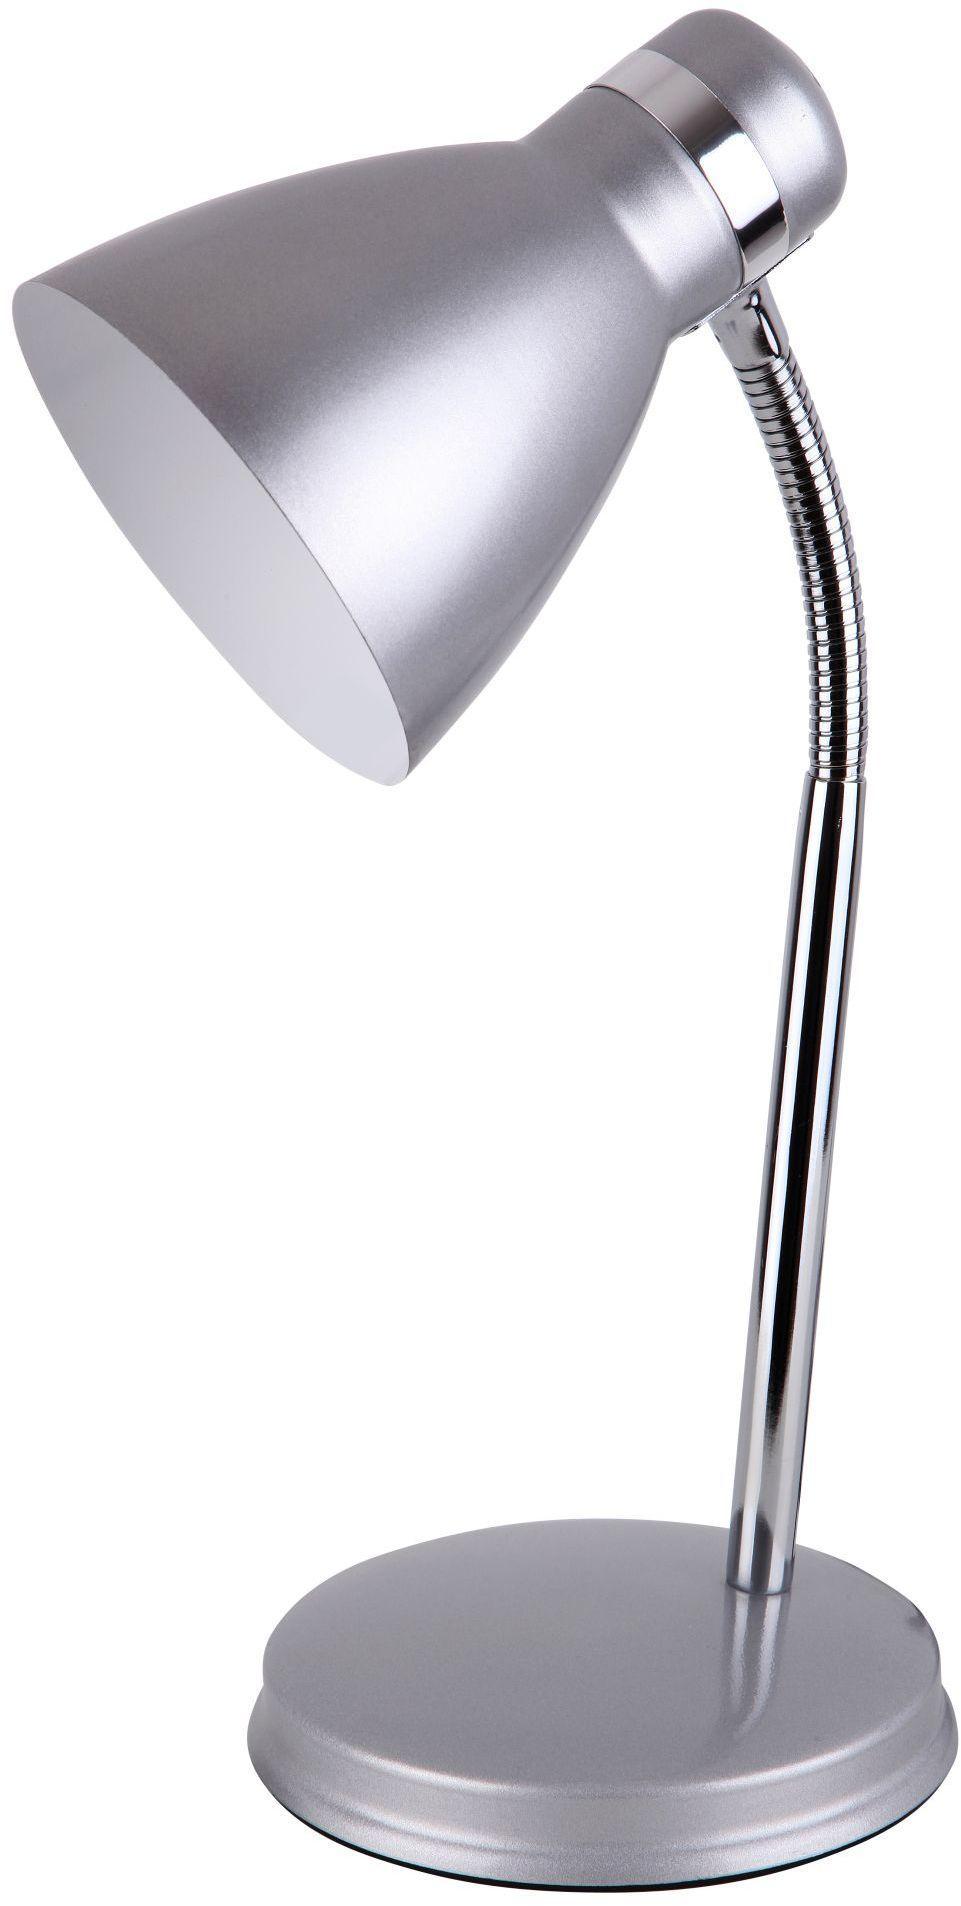 Stojanová lampa Patric 4206 (strieborná + chrómová)